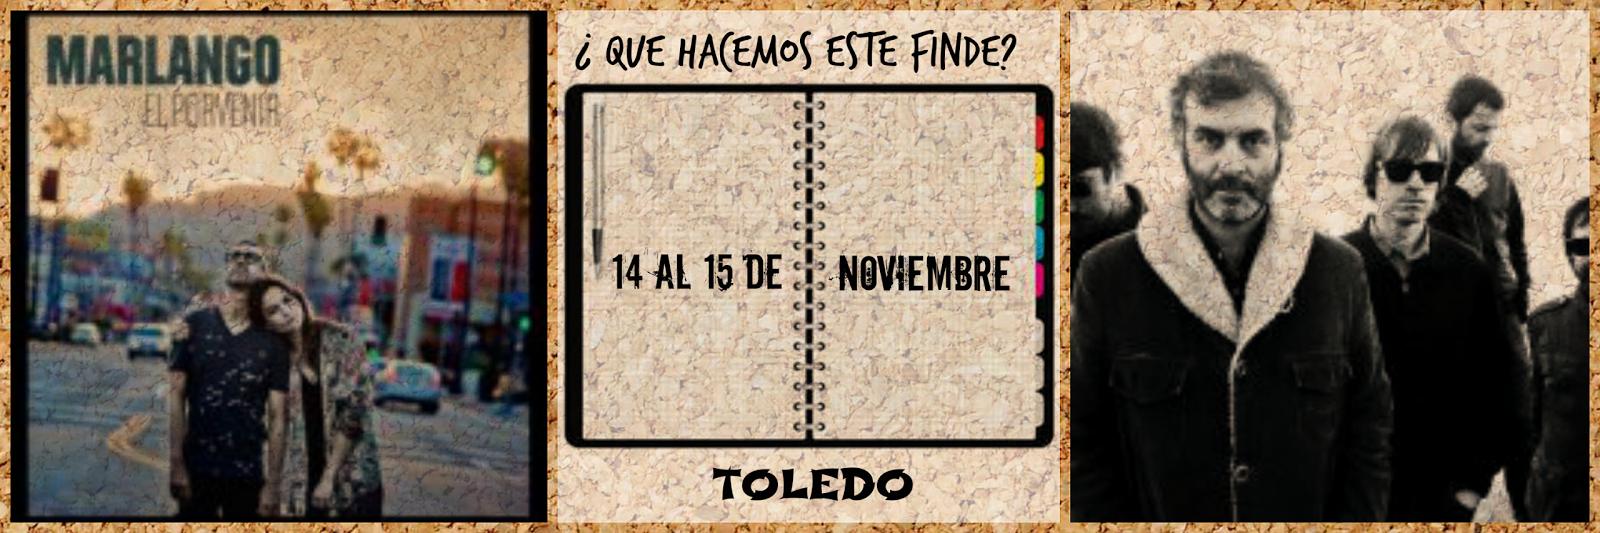 Conciertos, Monólogos, Opera en Noviembre en Toledo. Marlango y La Habitación Roja